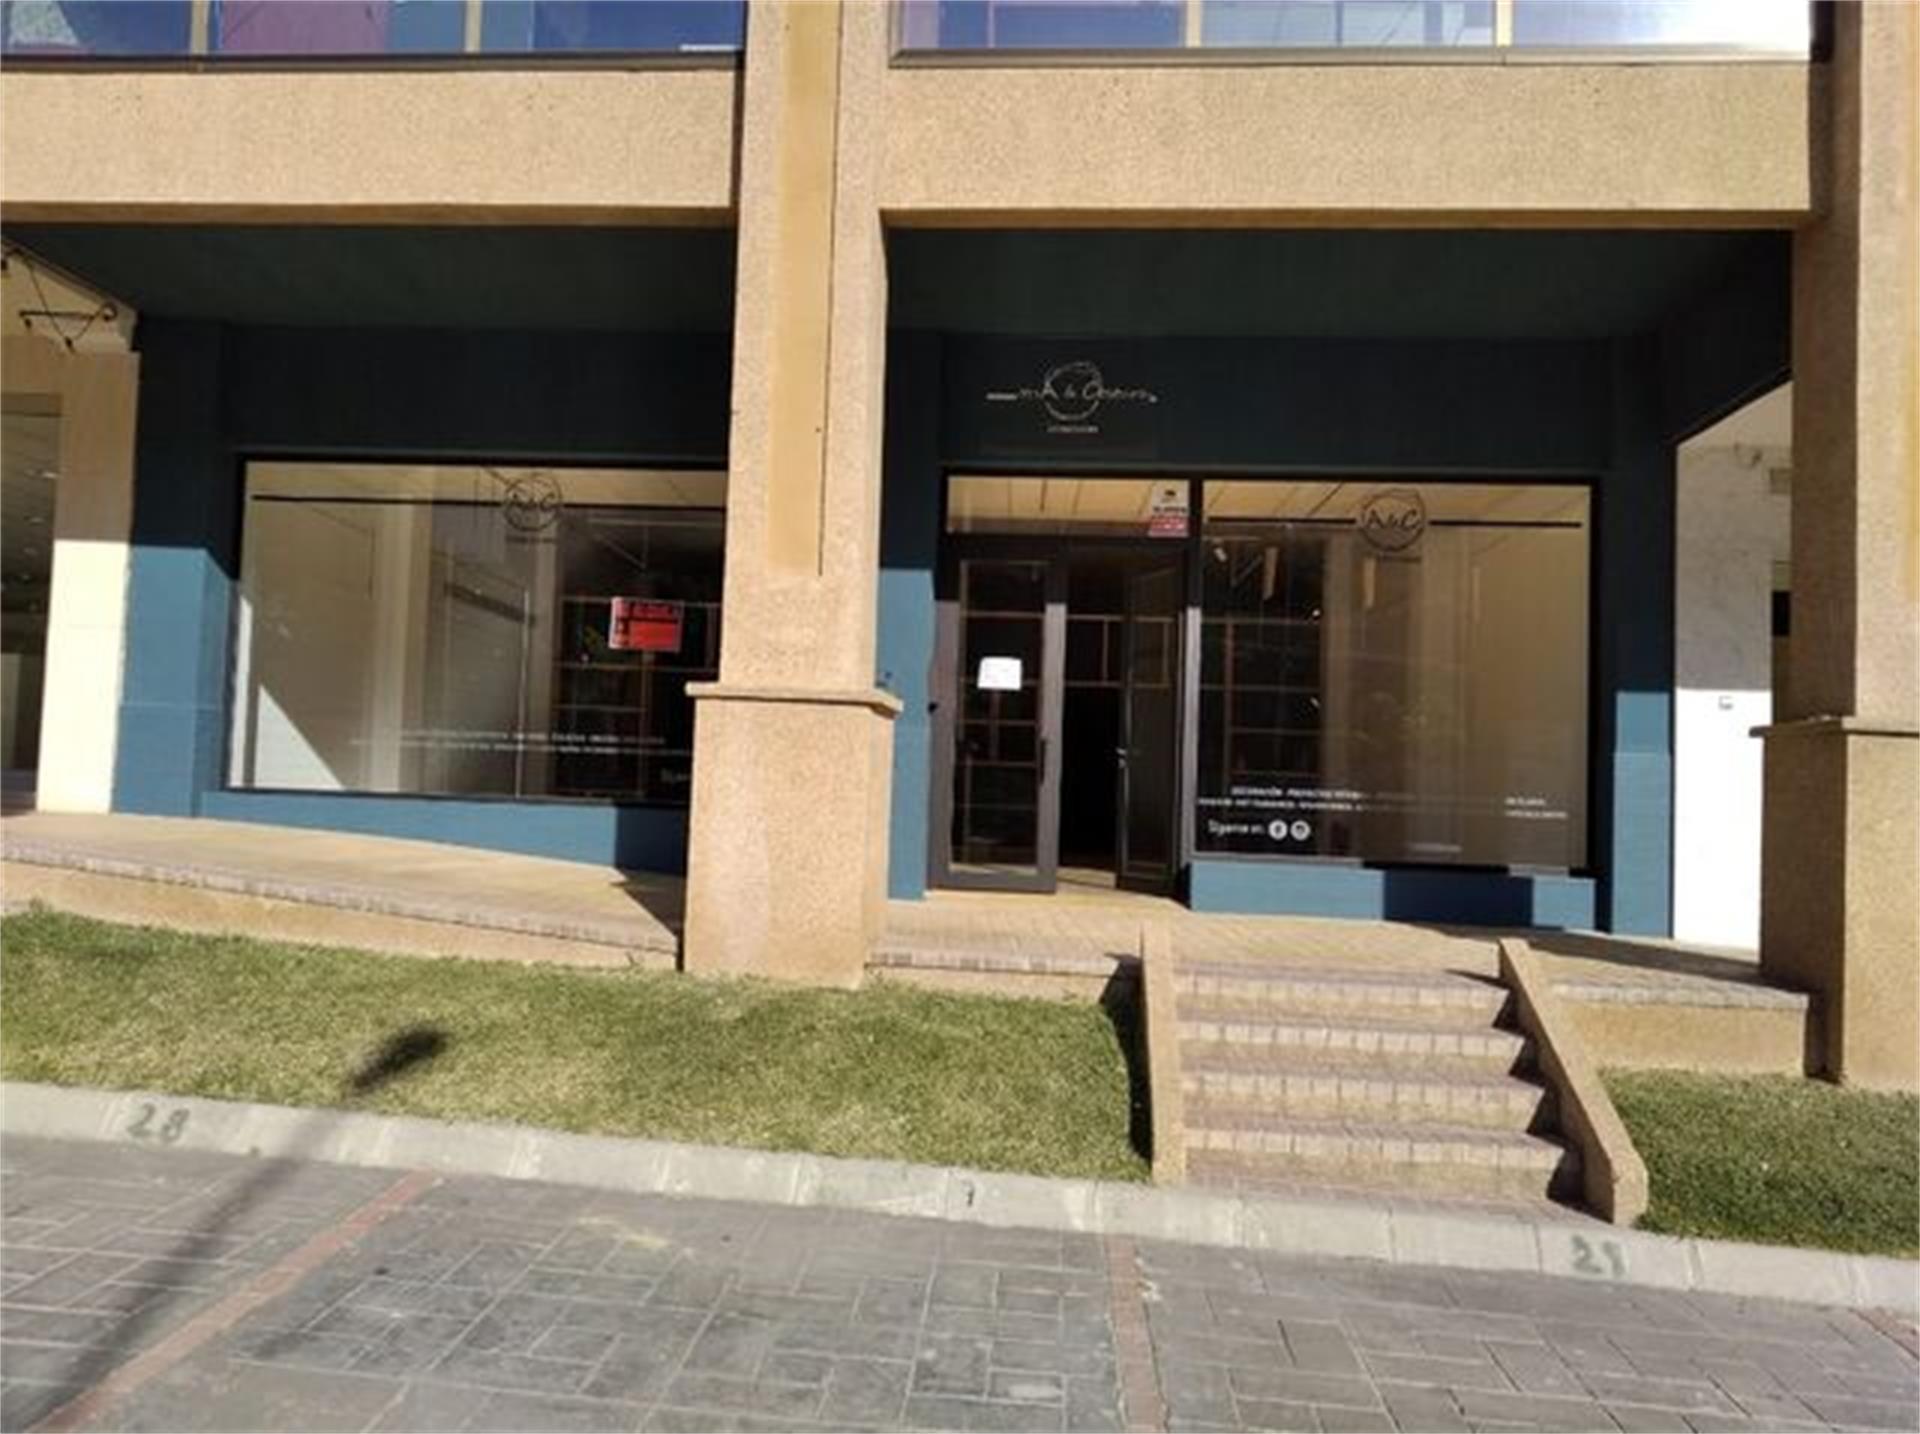 Local de alquiler en Plaza Calle Guadalhorce Coín (Coín, Málaga)